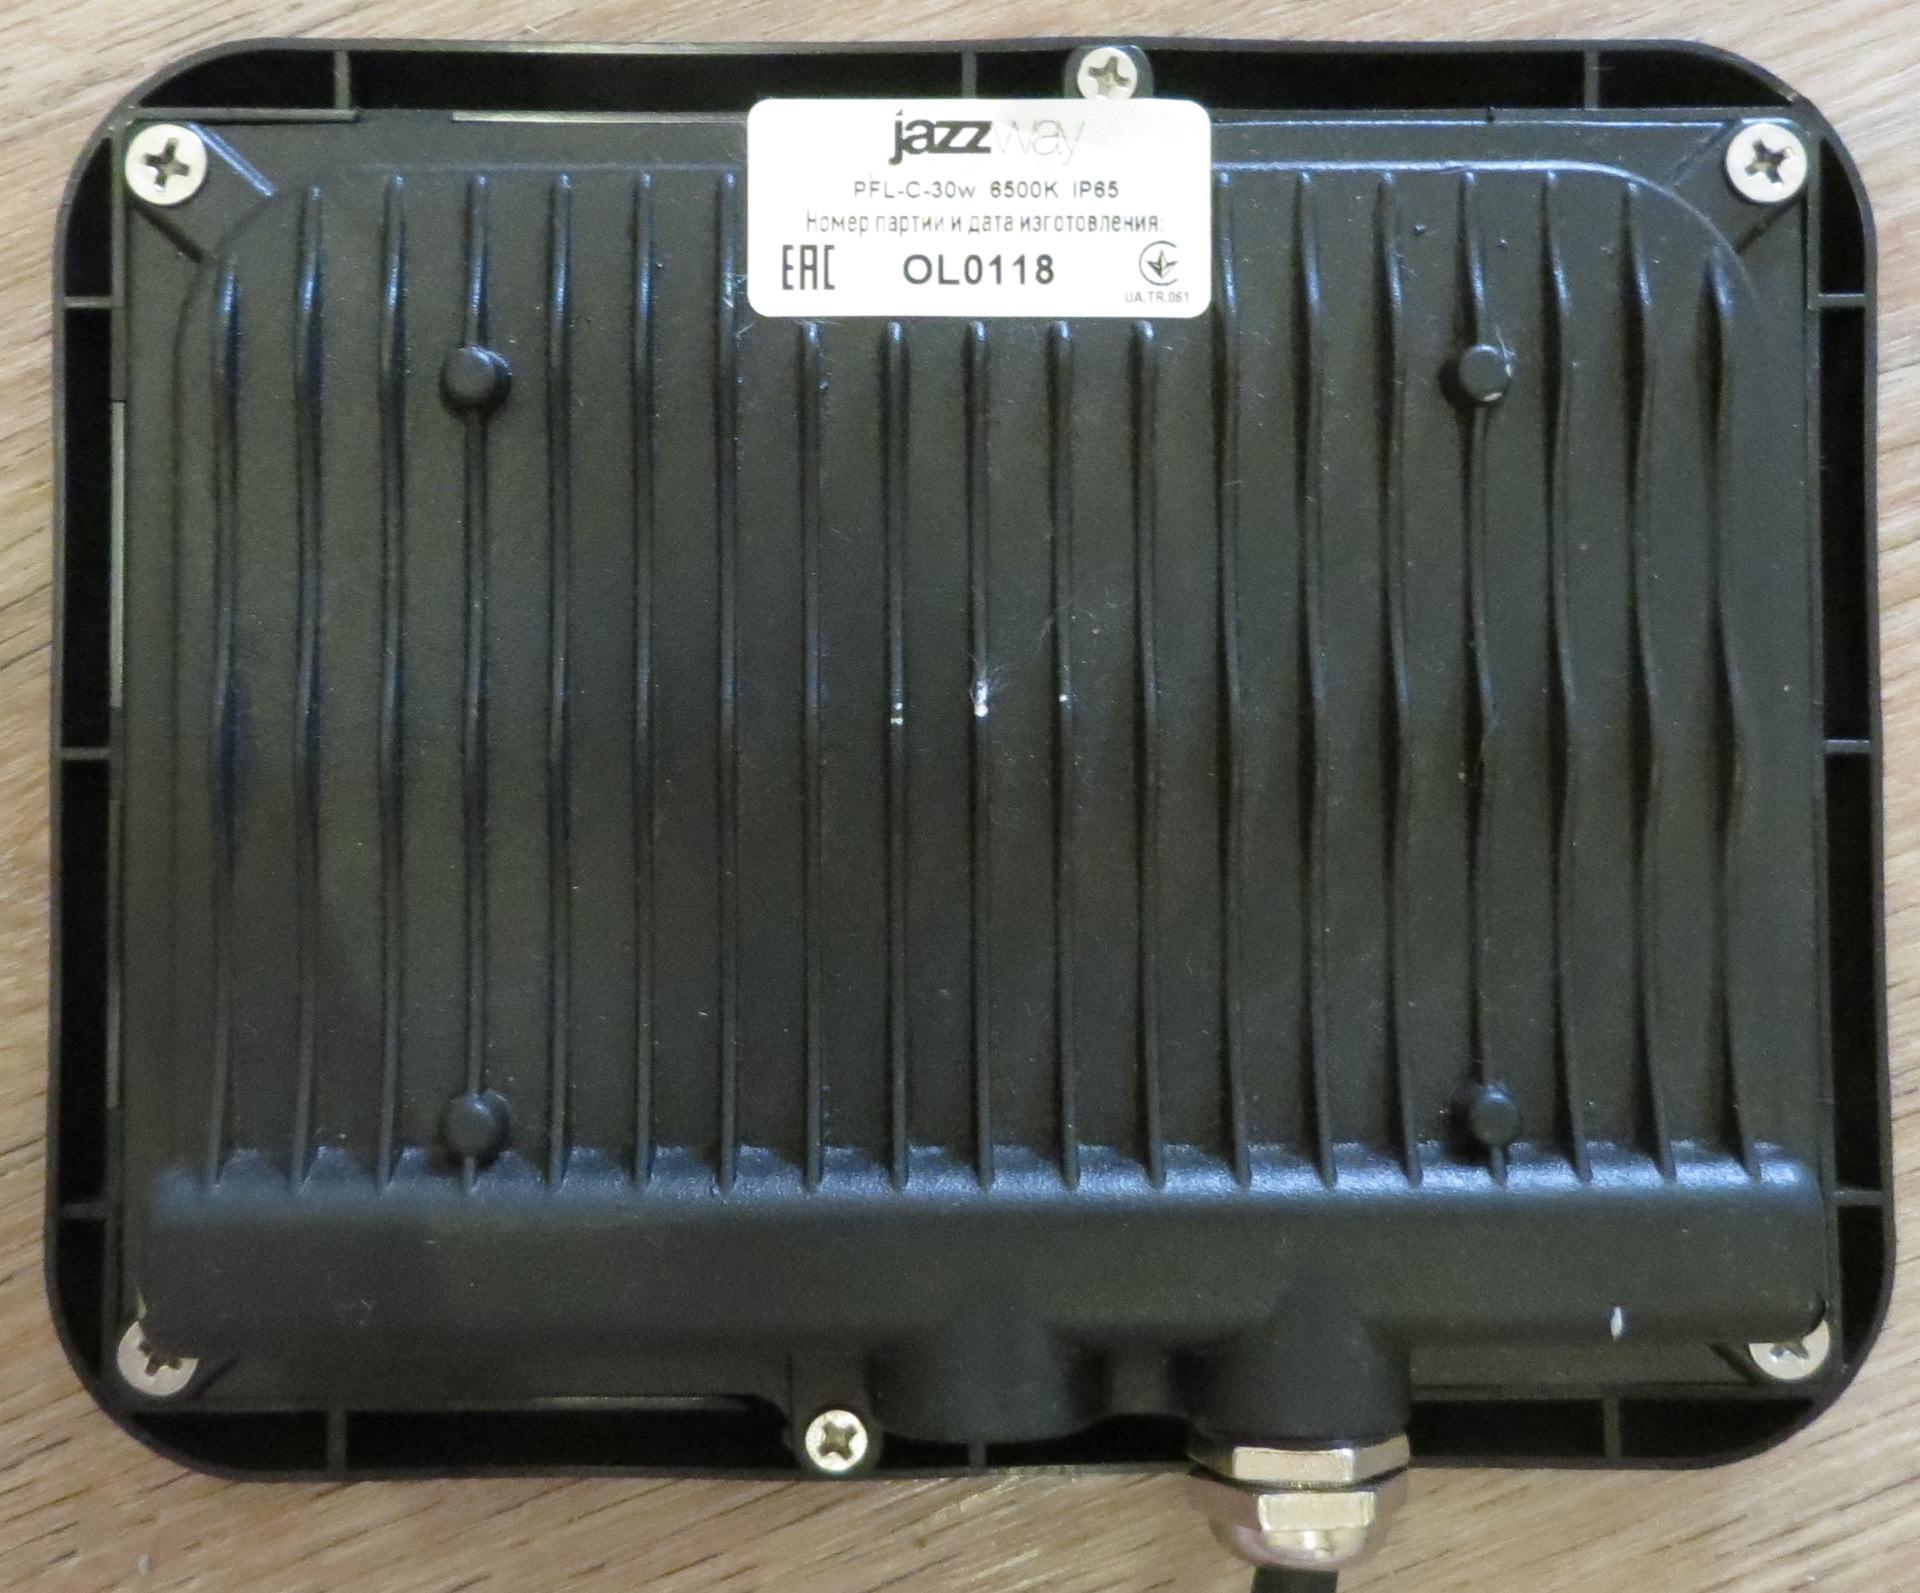 jazz way PFL-C-30w